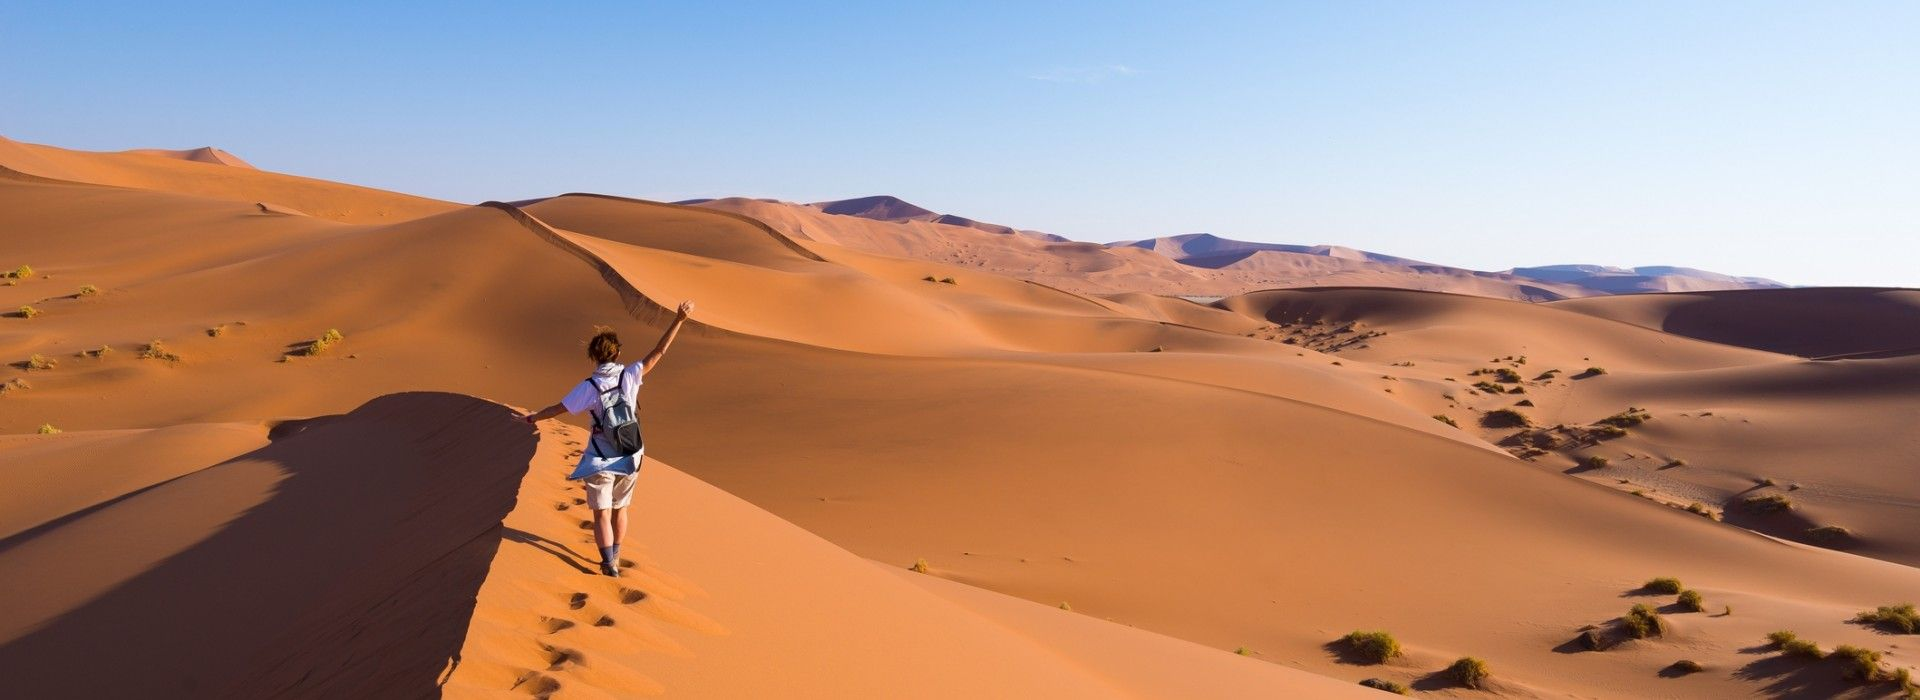 Adventure and sport activities Tours in Windhoek